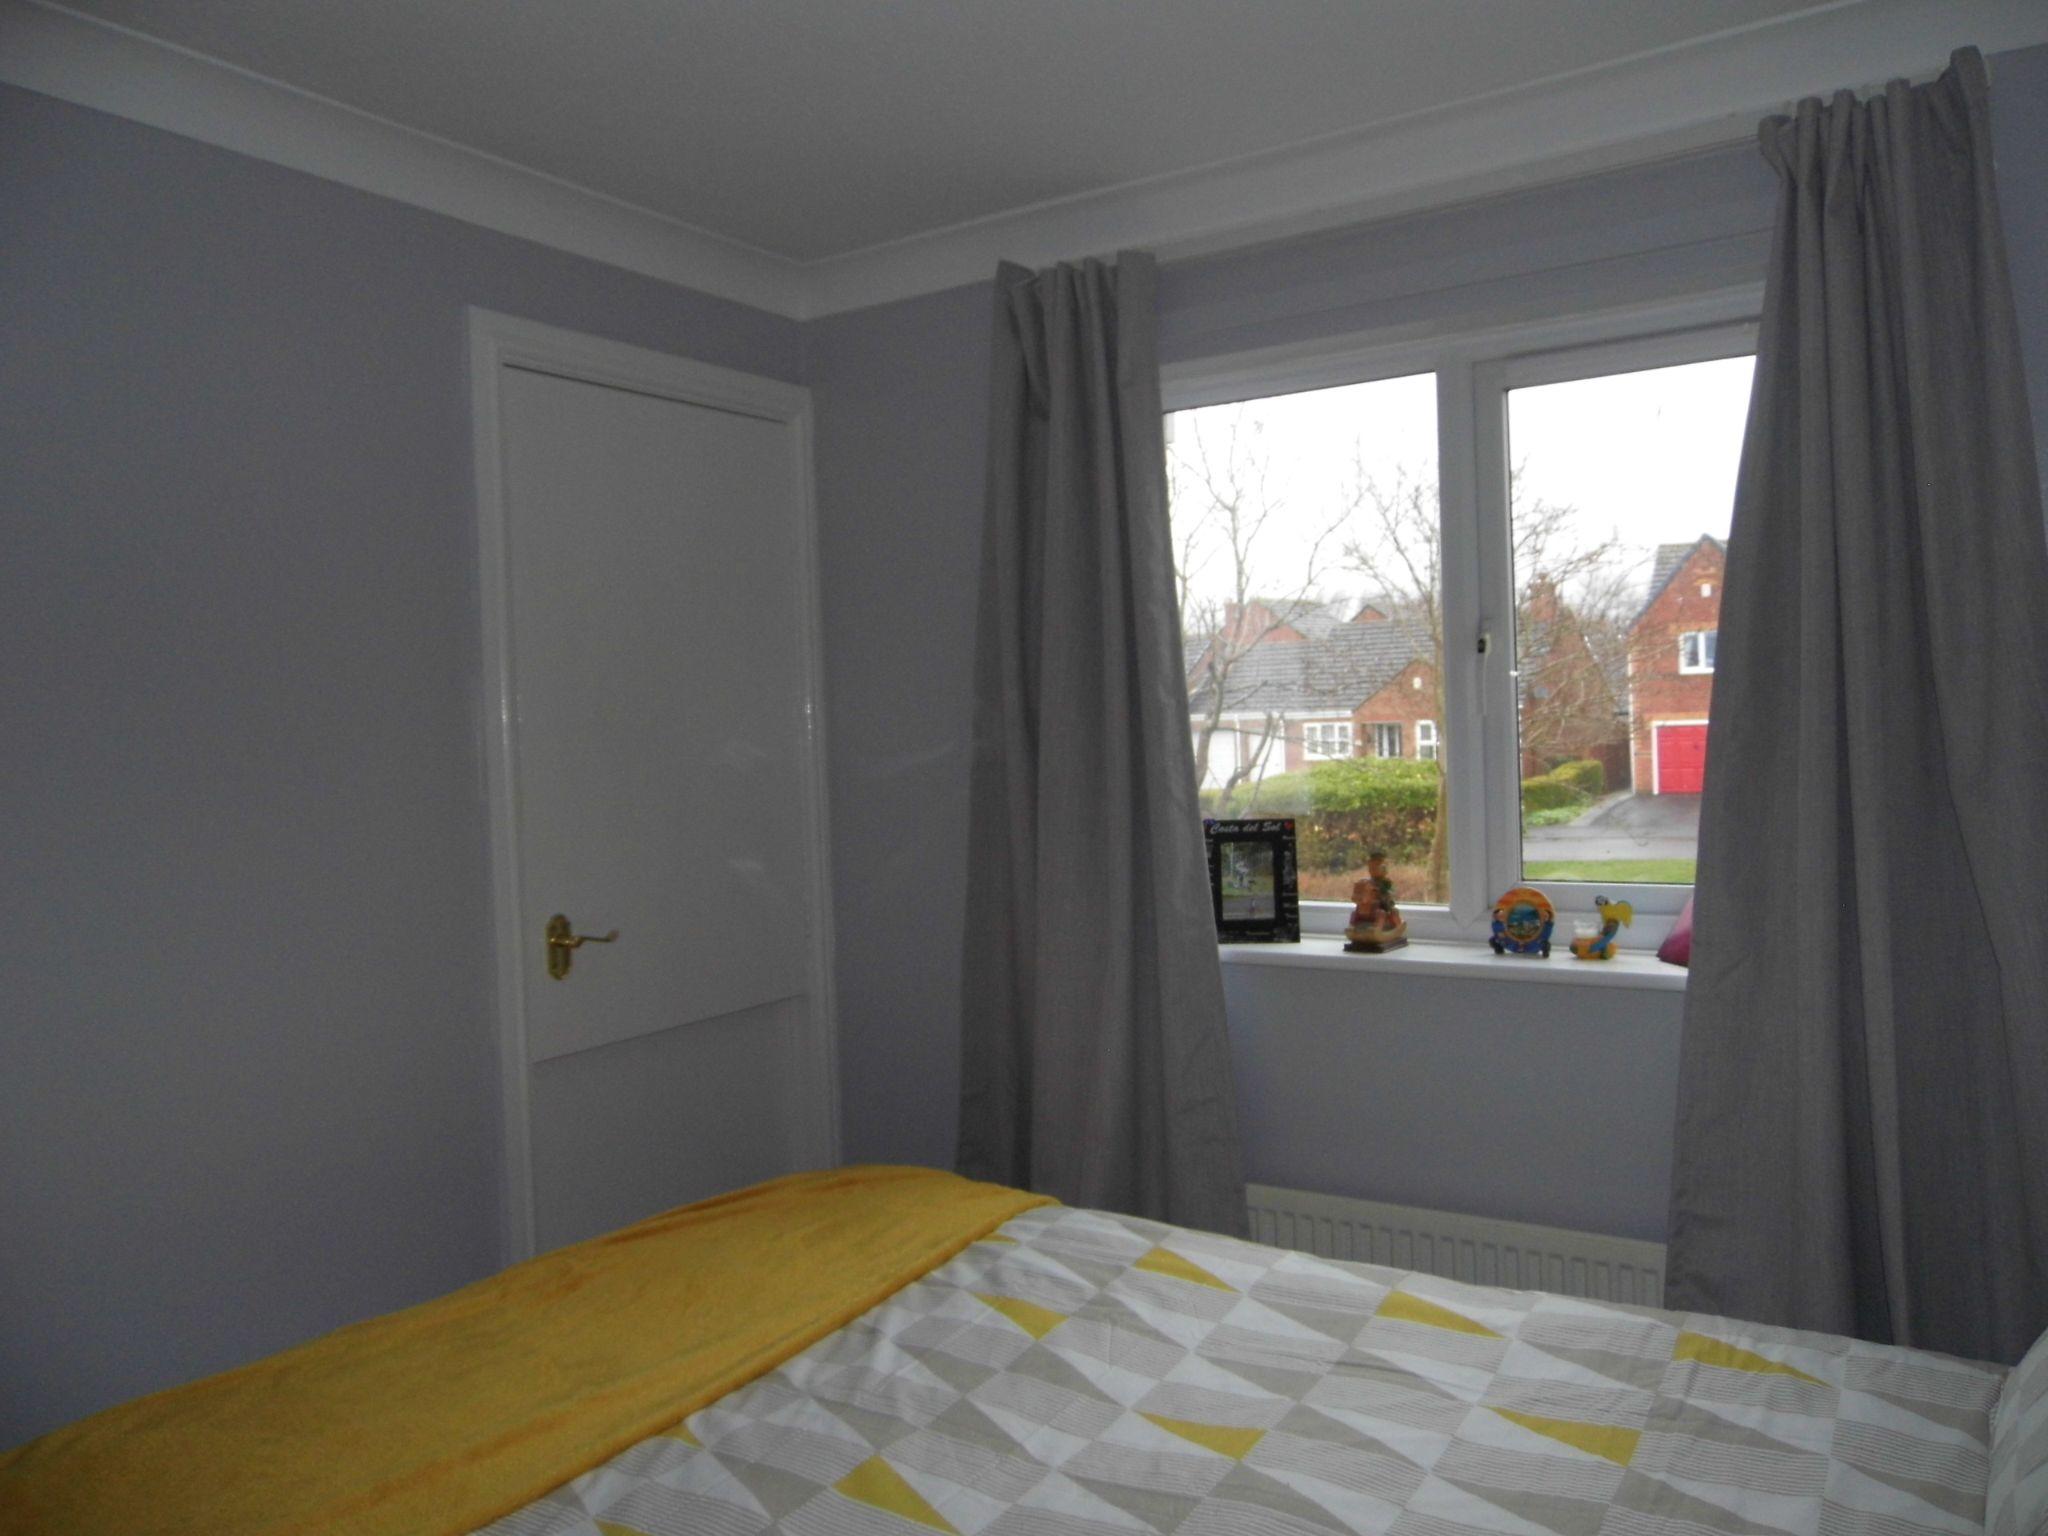 4 bedroom detached house SSTC in Bishop Auckland - Bedroom Three.